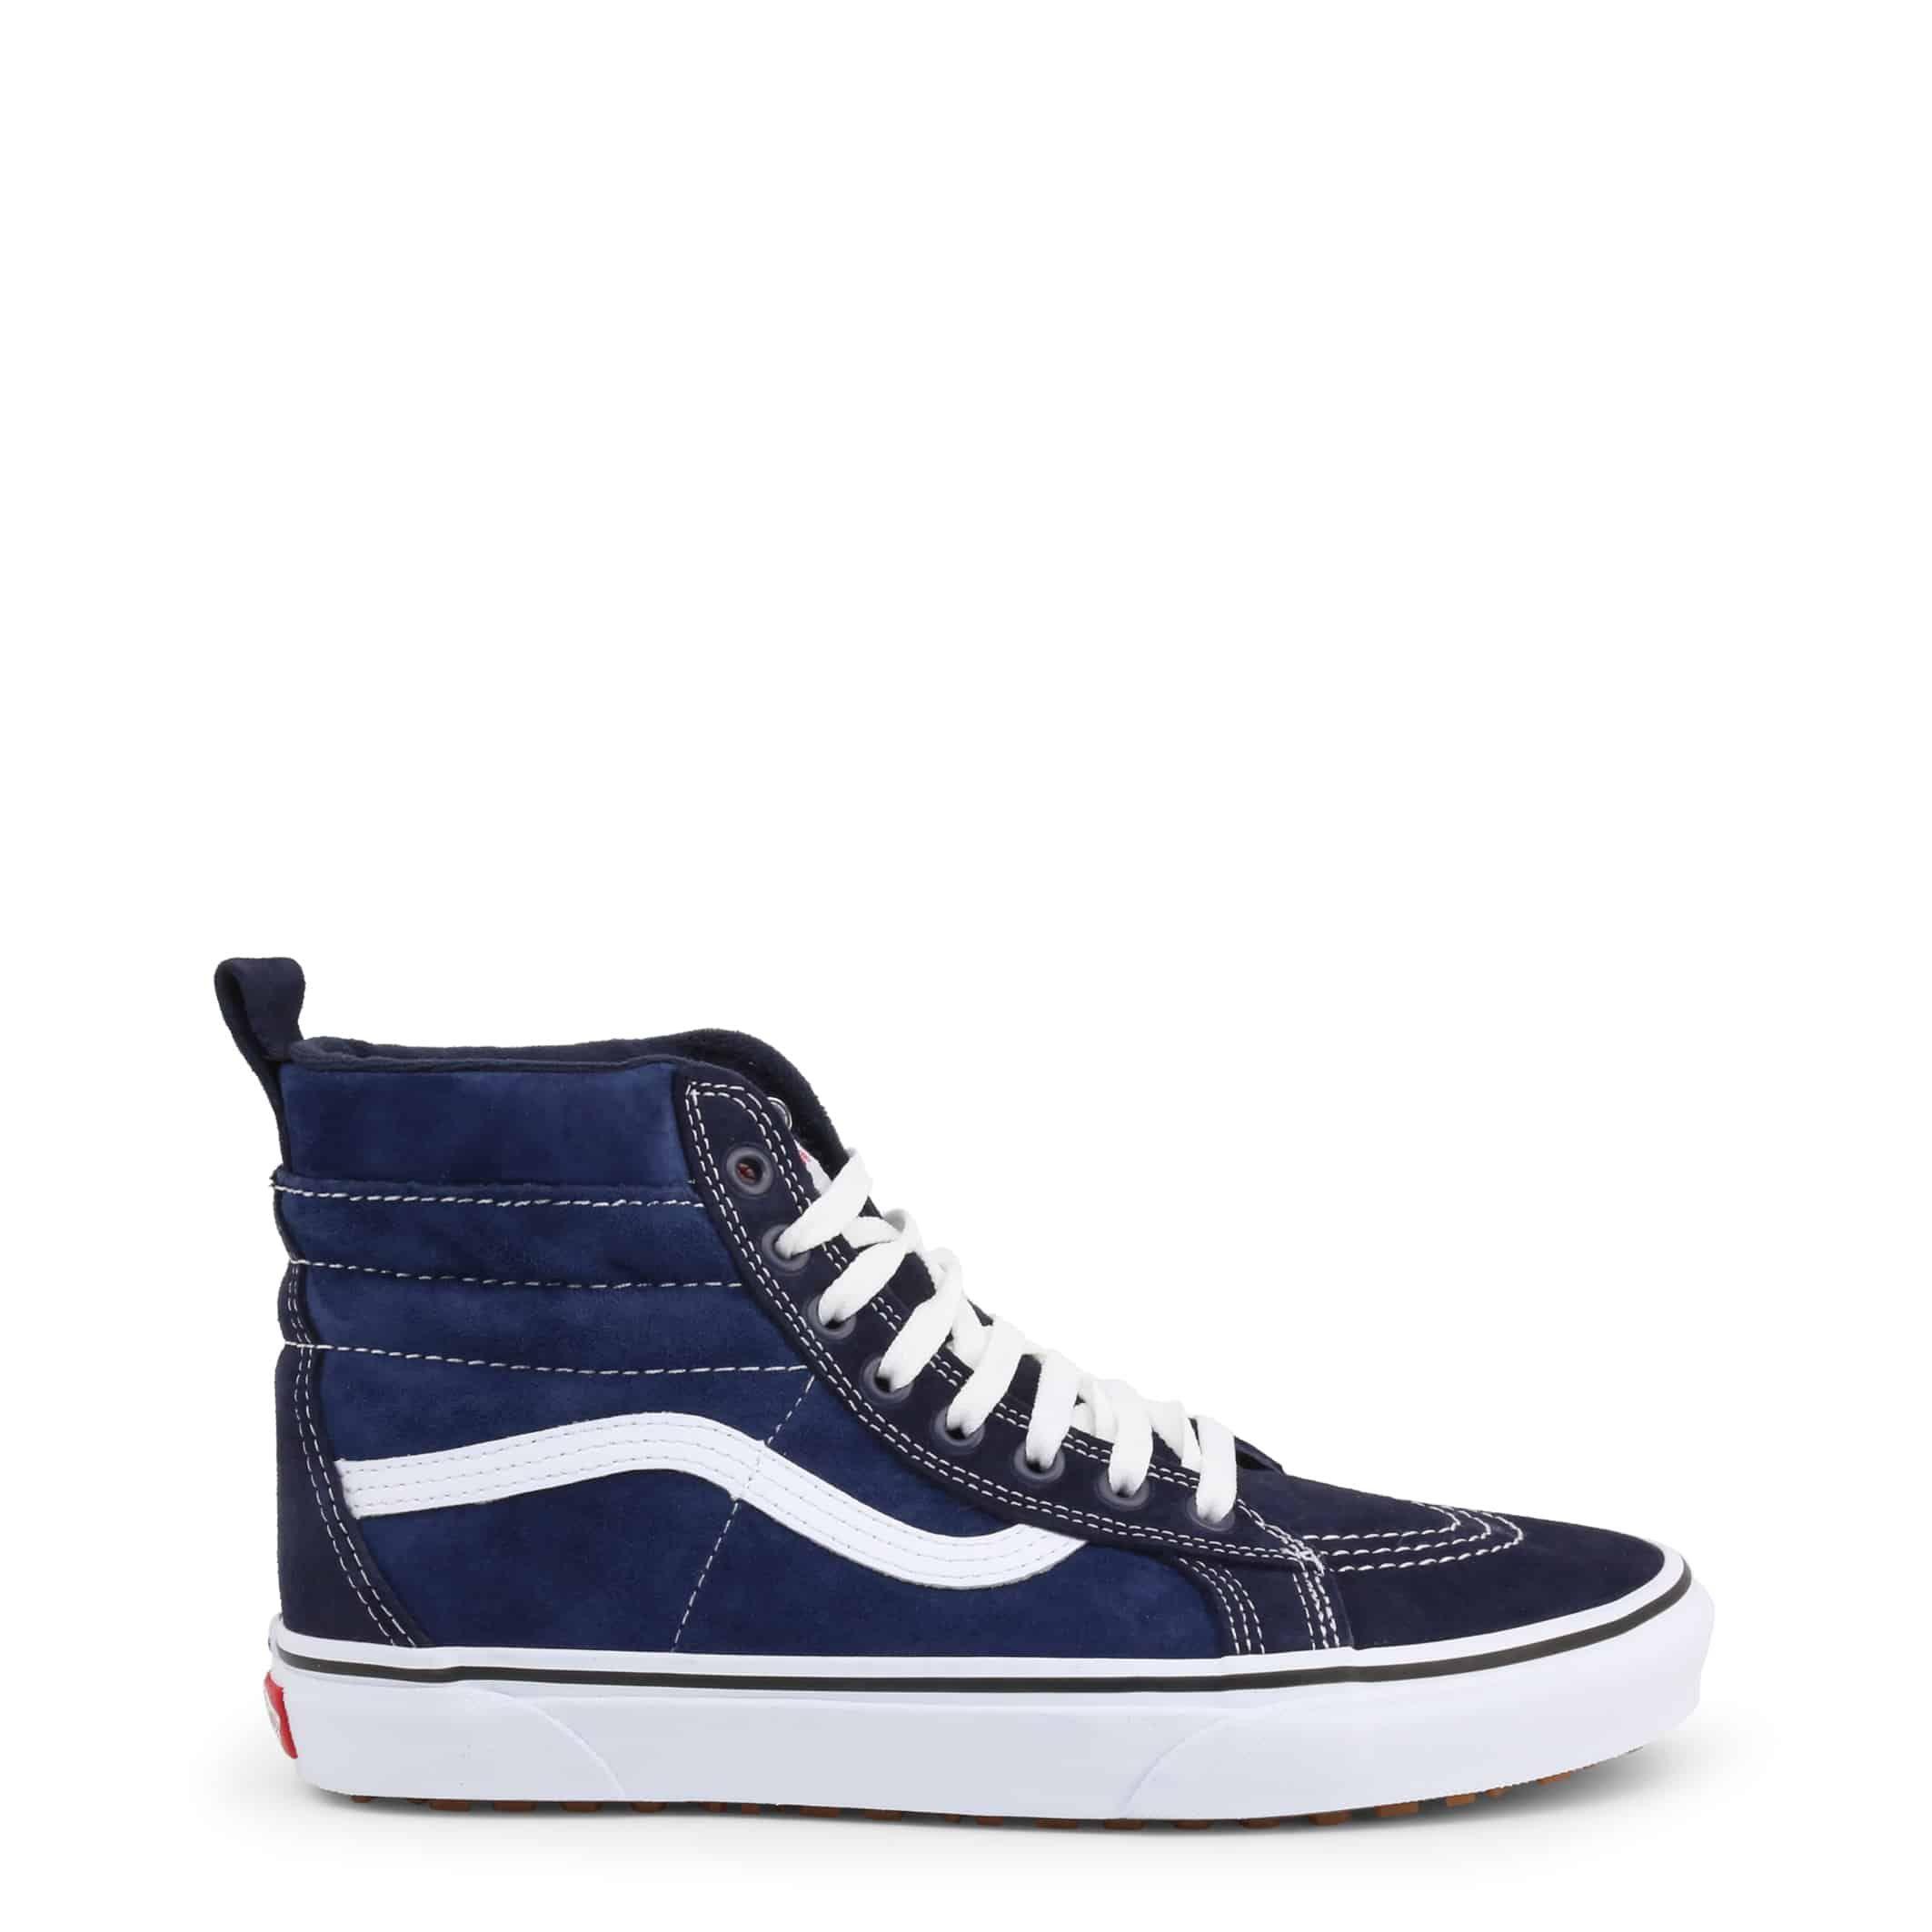 Sneakers Vans – SK8-HI-MTE_VN0A4BV7